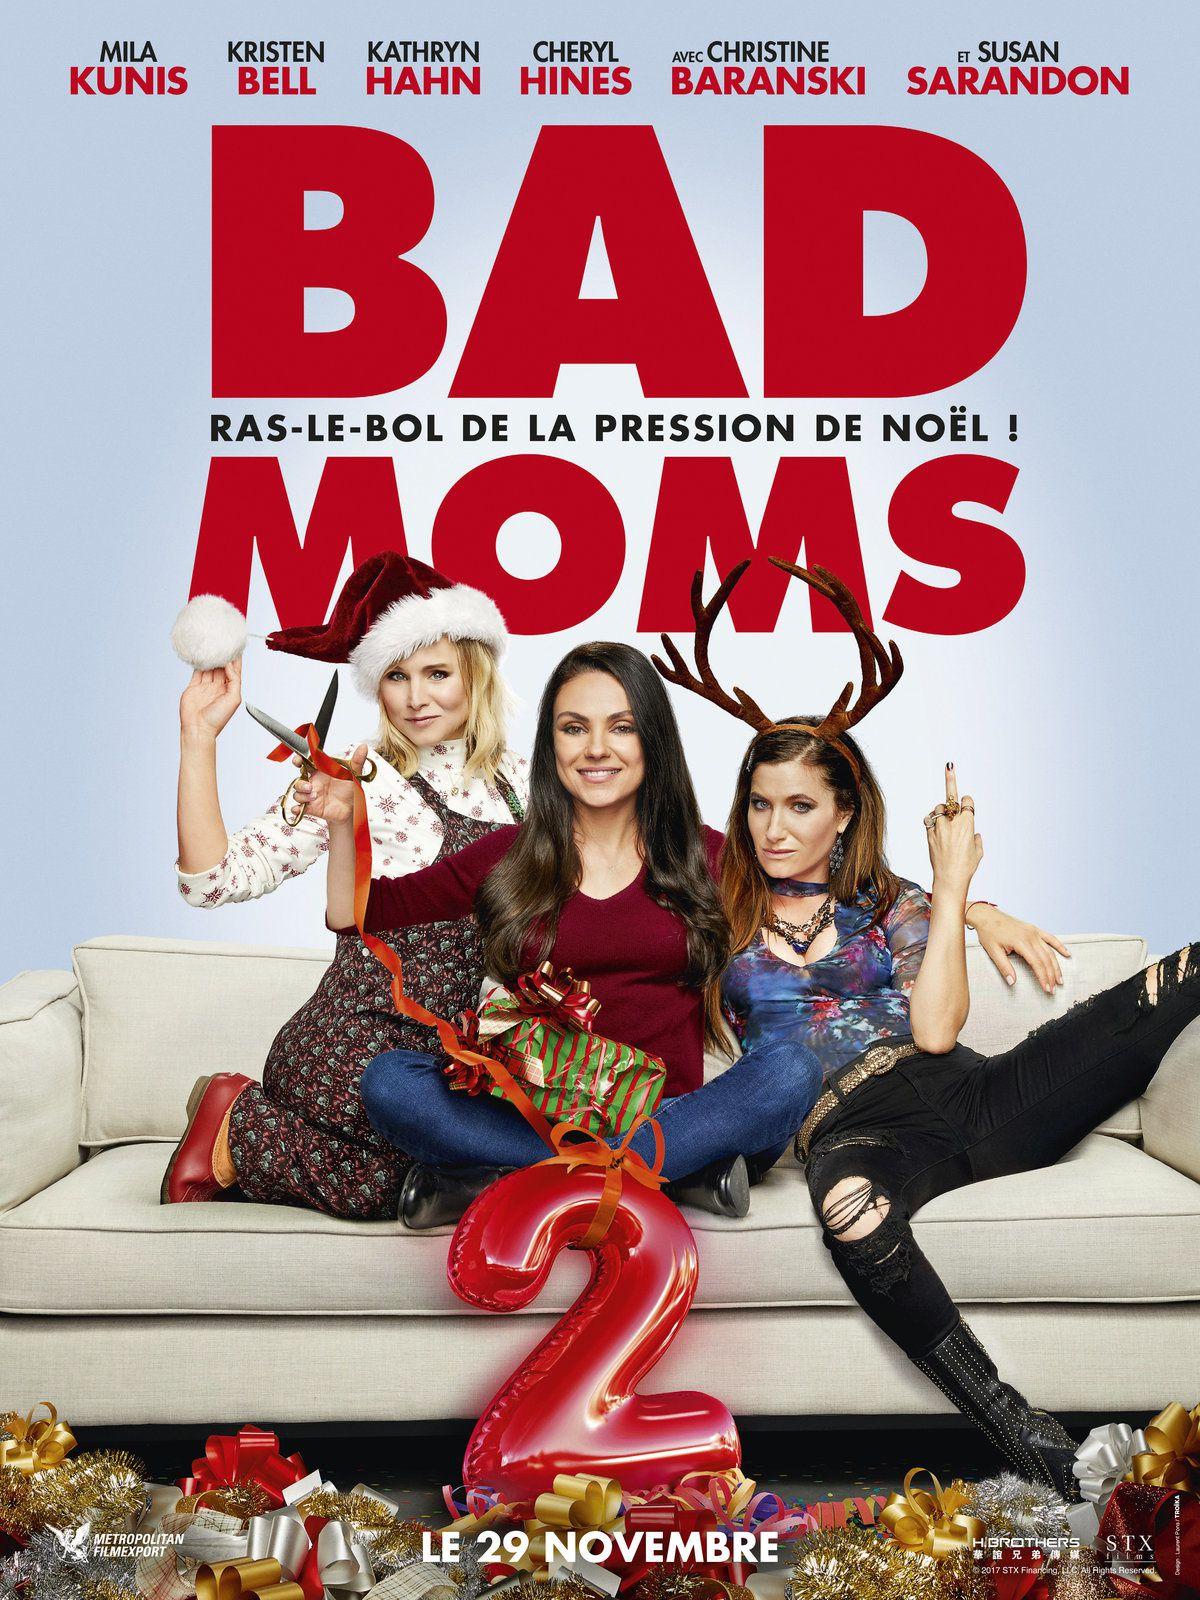 BAD MOMS 2 avec Mila Kunis, Kristen Bell : LA BANDE-ANNONCE + 3 EXTRAITS ! Le 29 novembre 2017 au cinéma